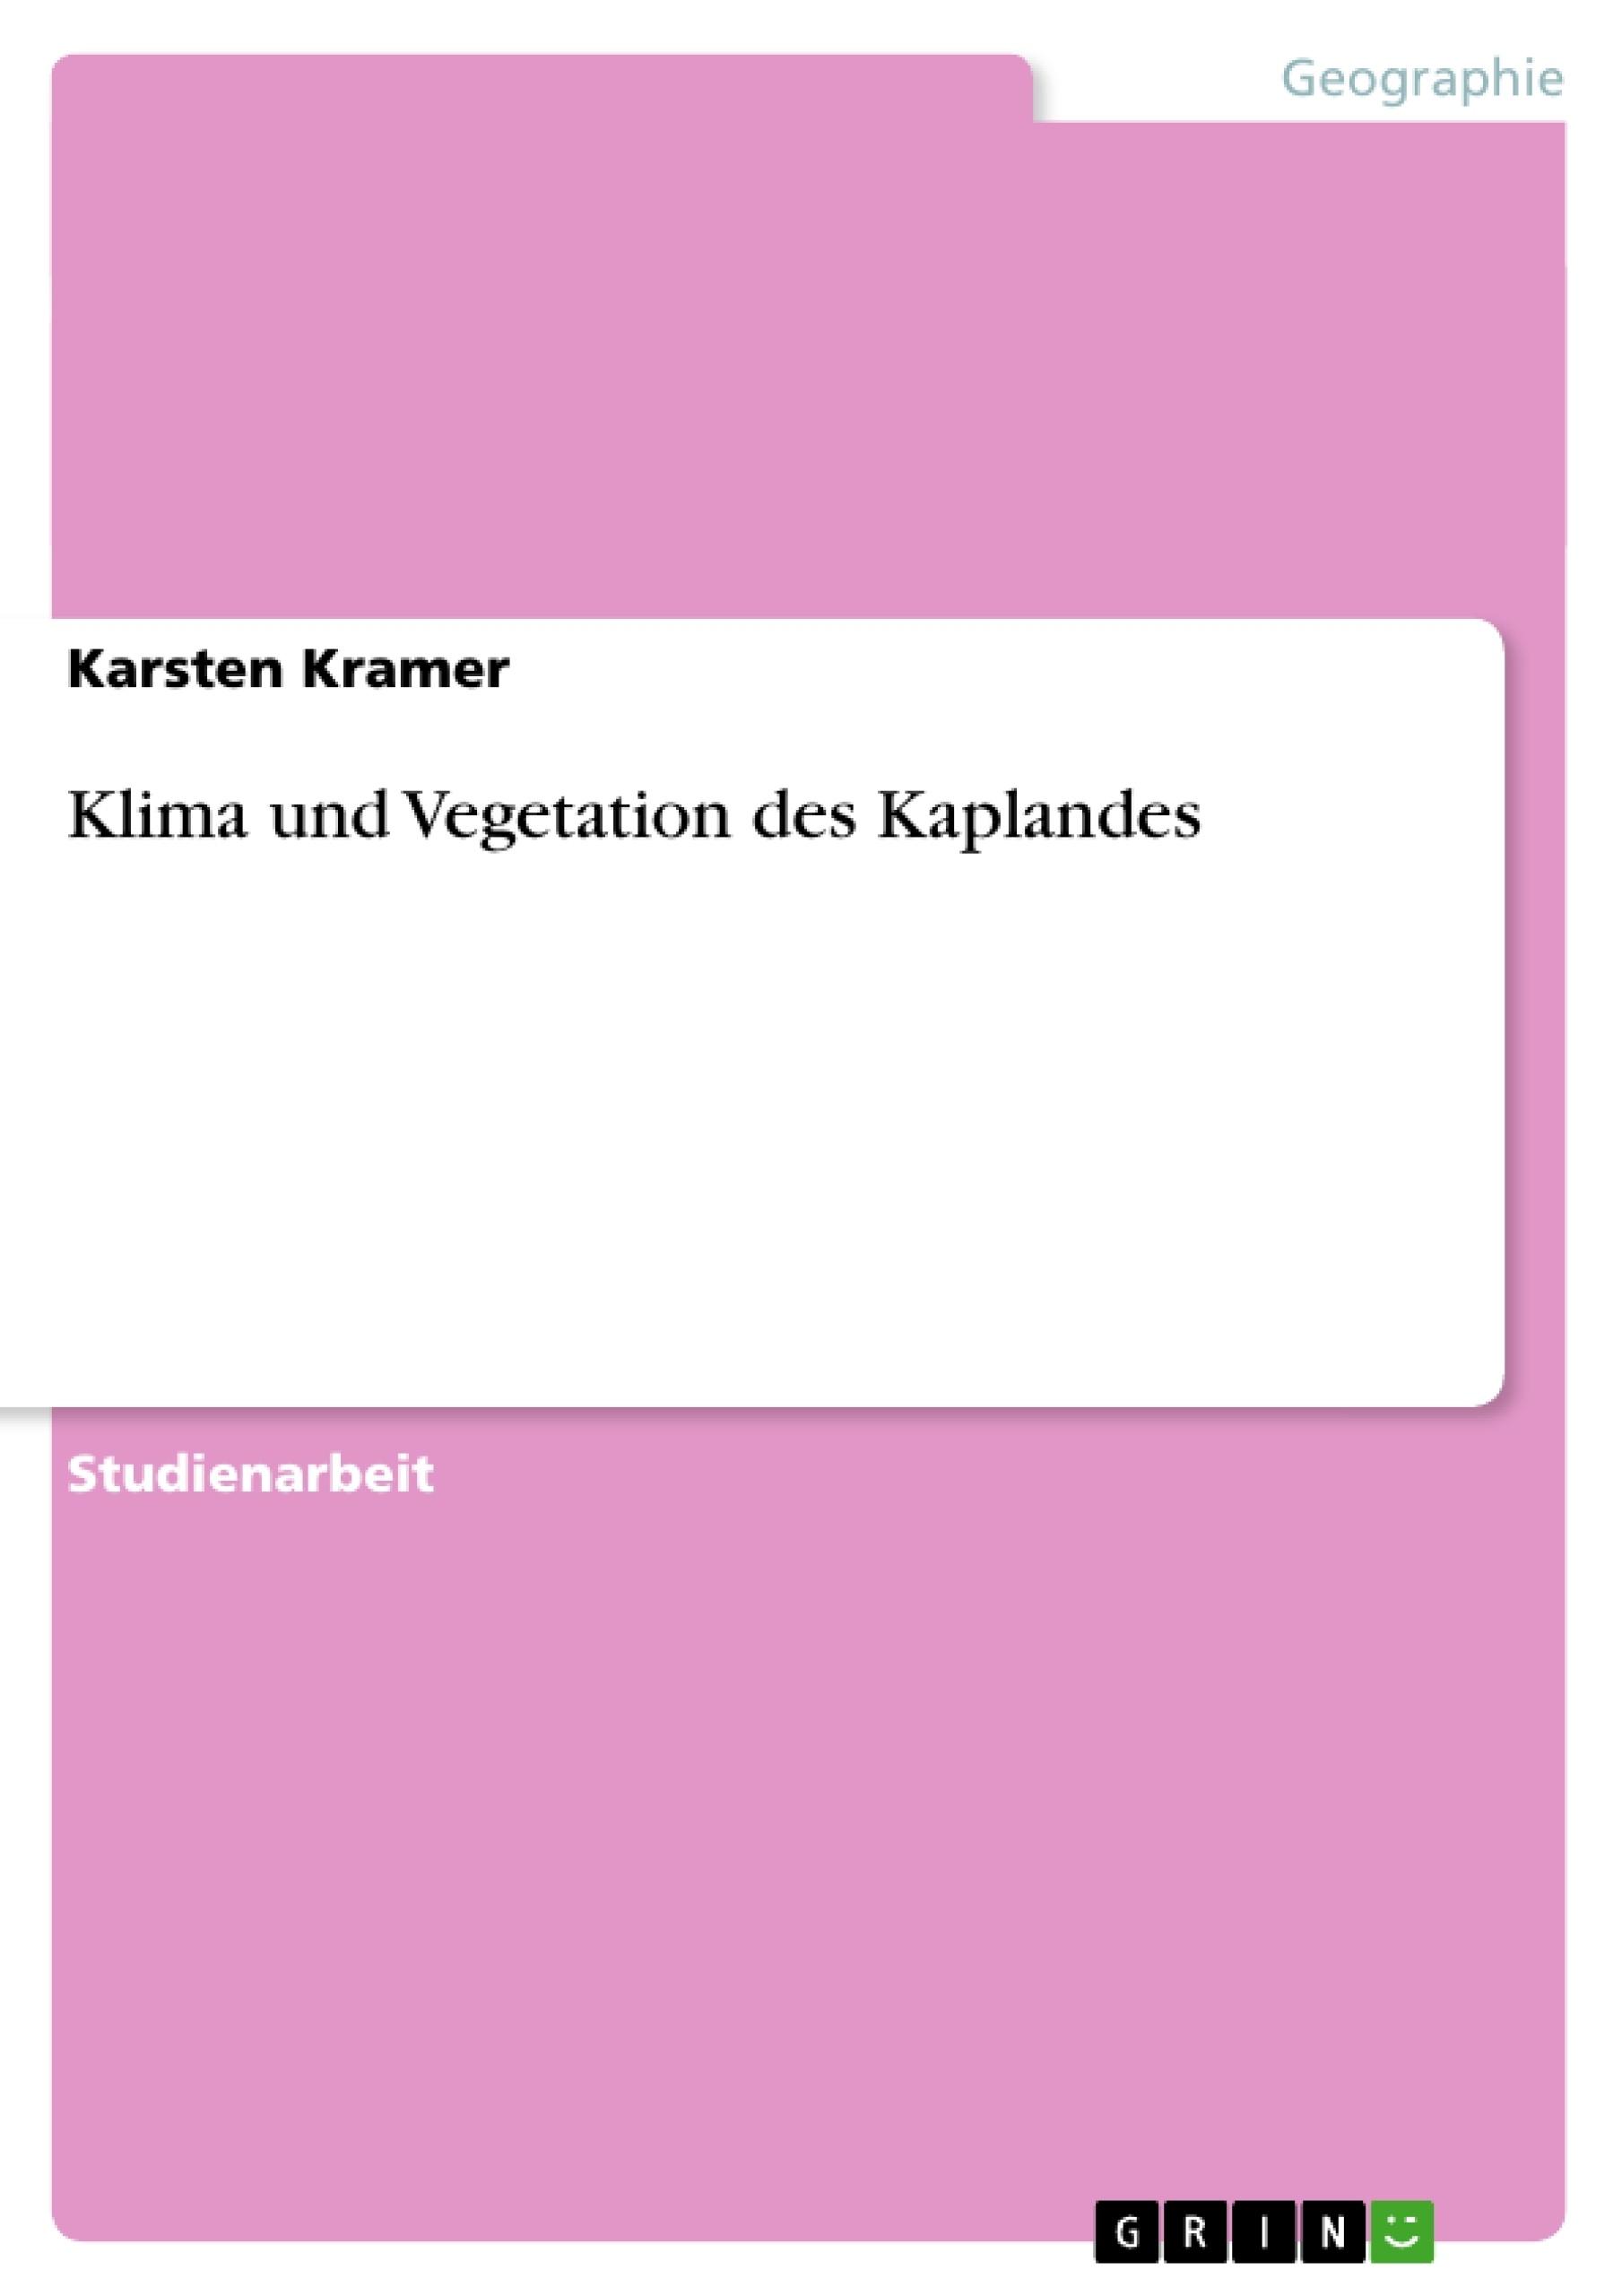 Titel: Klima und Vegetation des Kaplandes